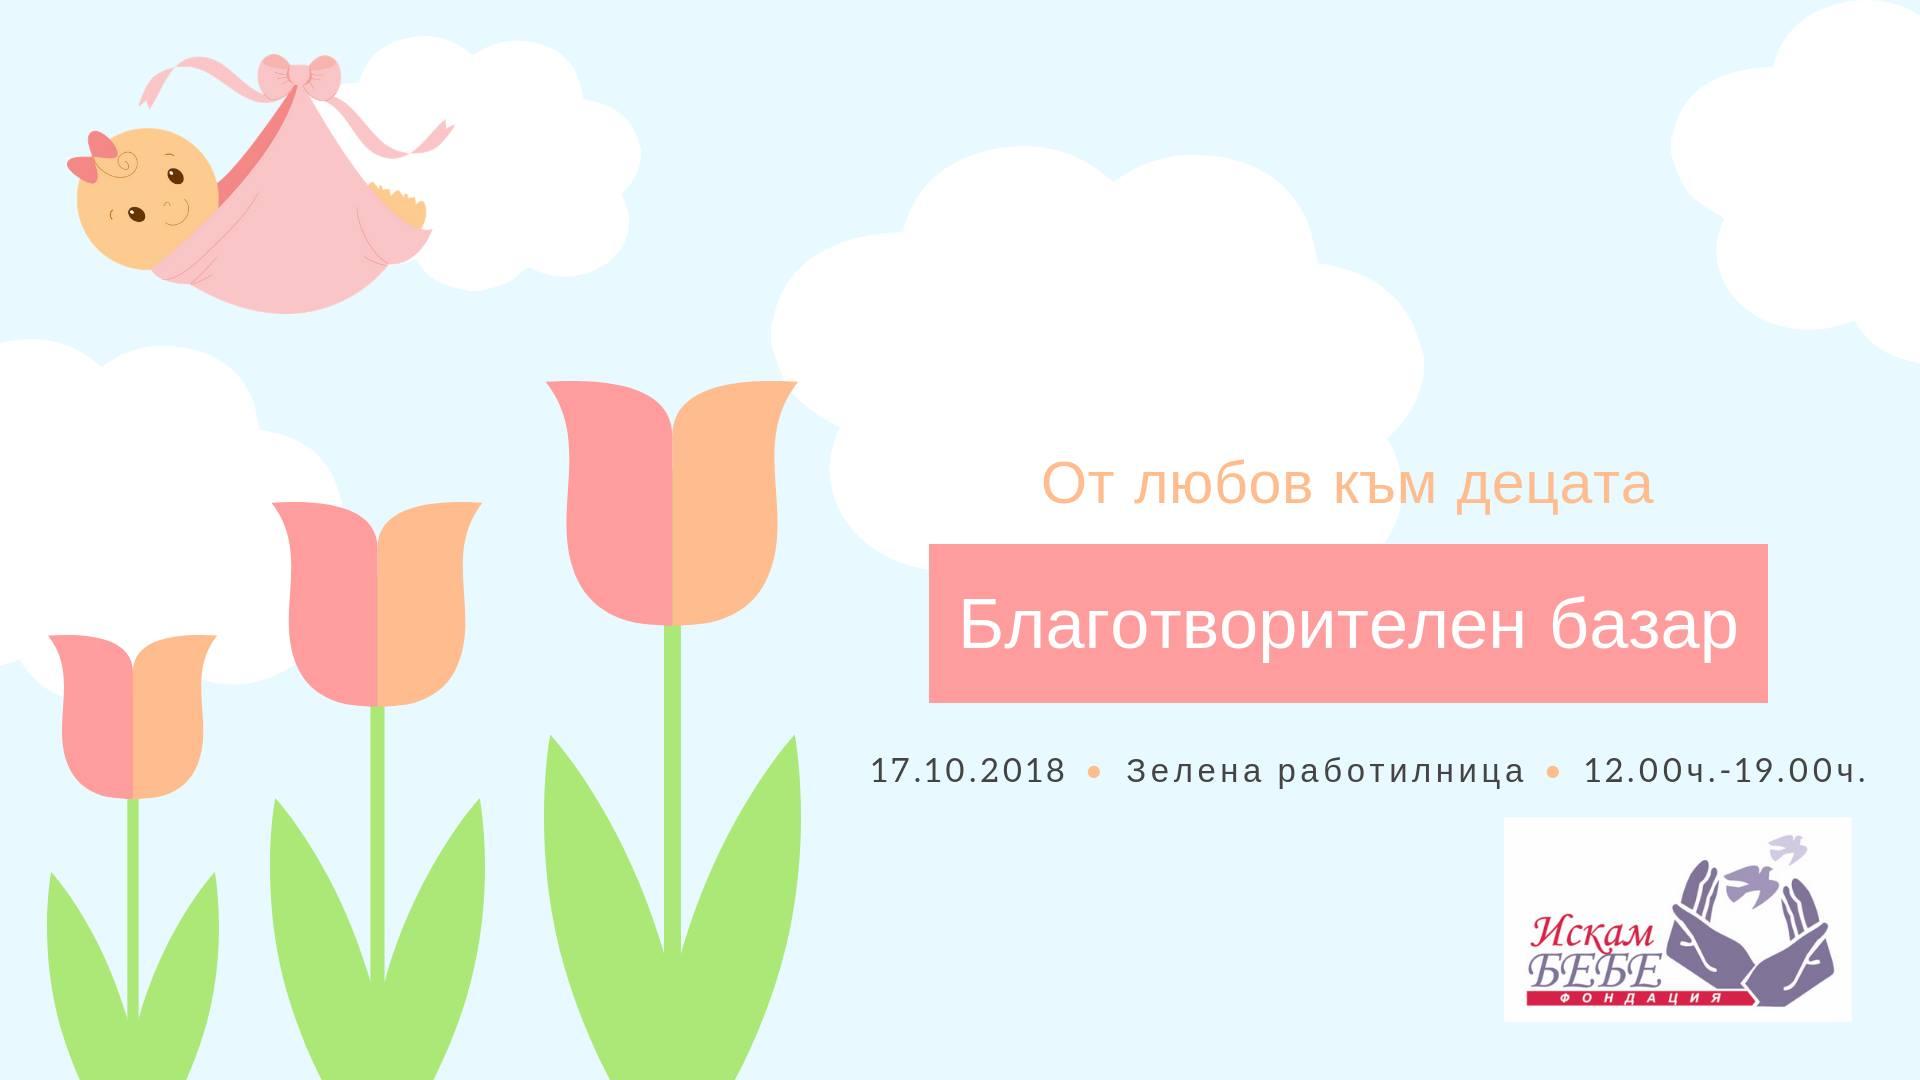 Зелена работилница със събитие в подкрепа на Искам бебе